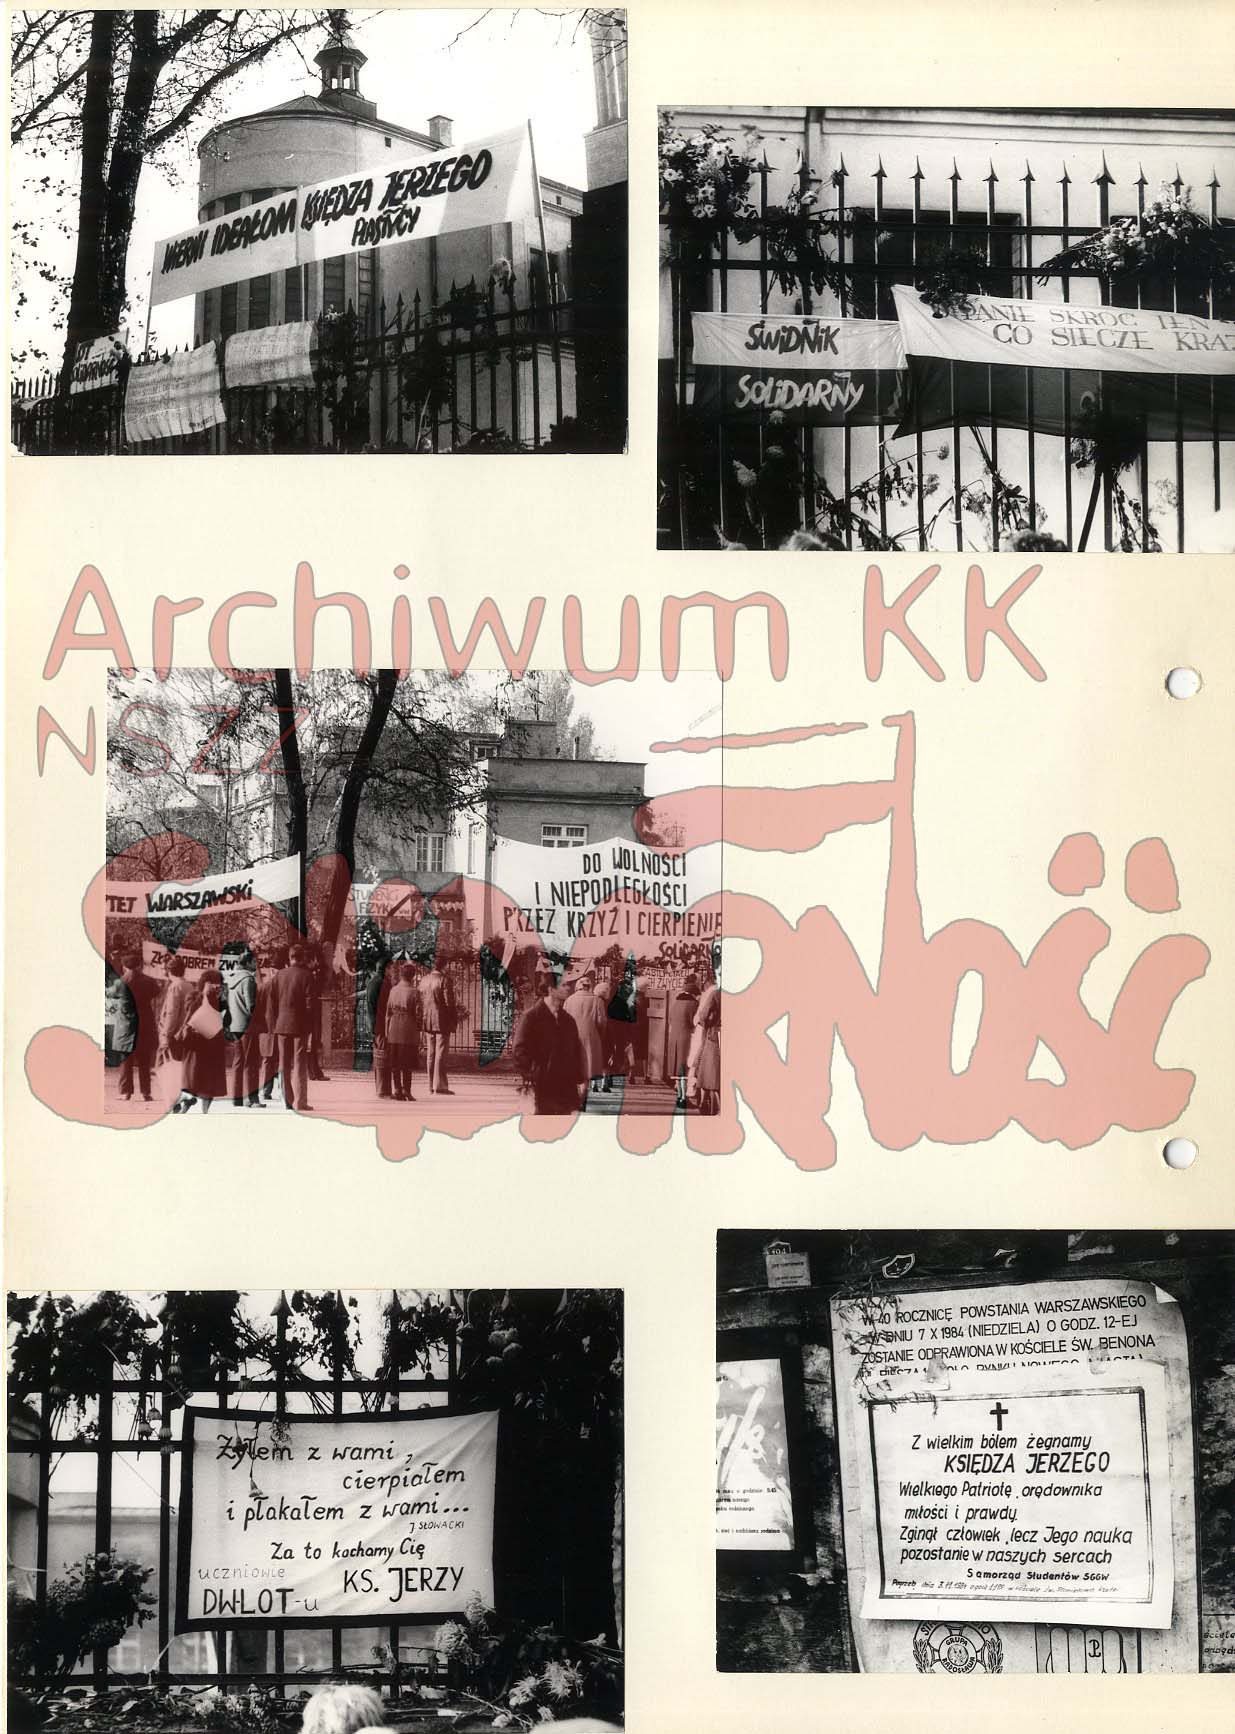 AKKS-347-67-8 - 008